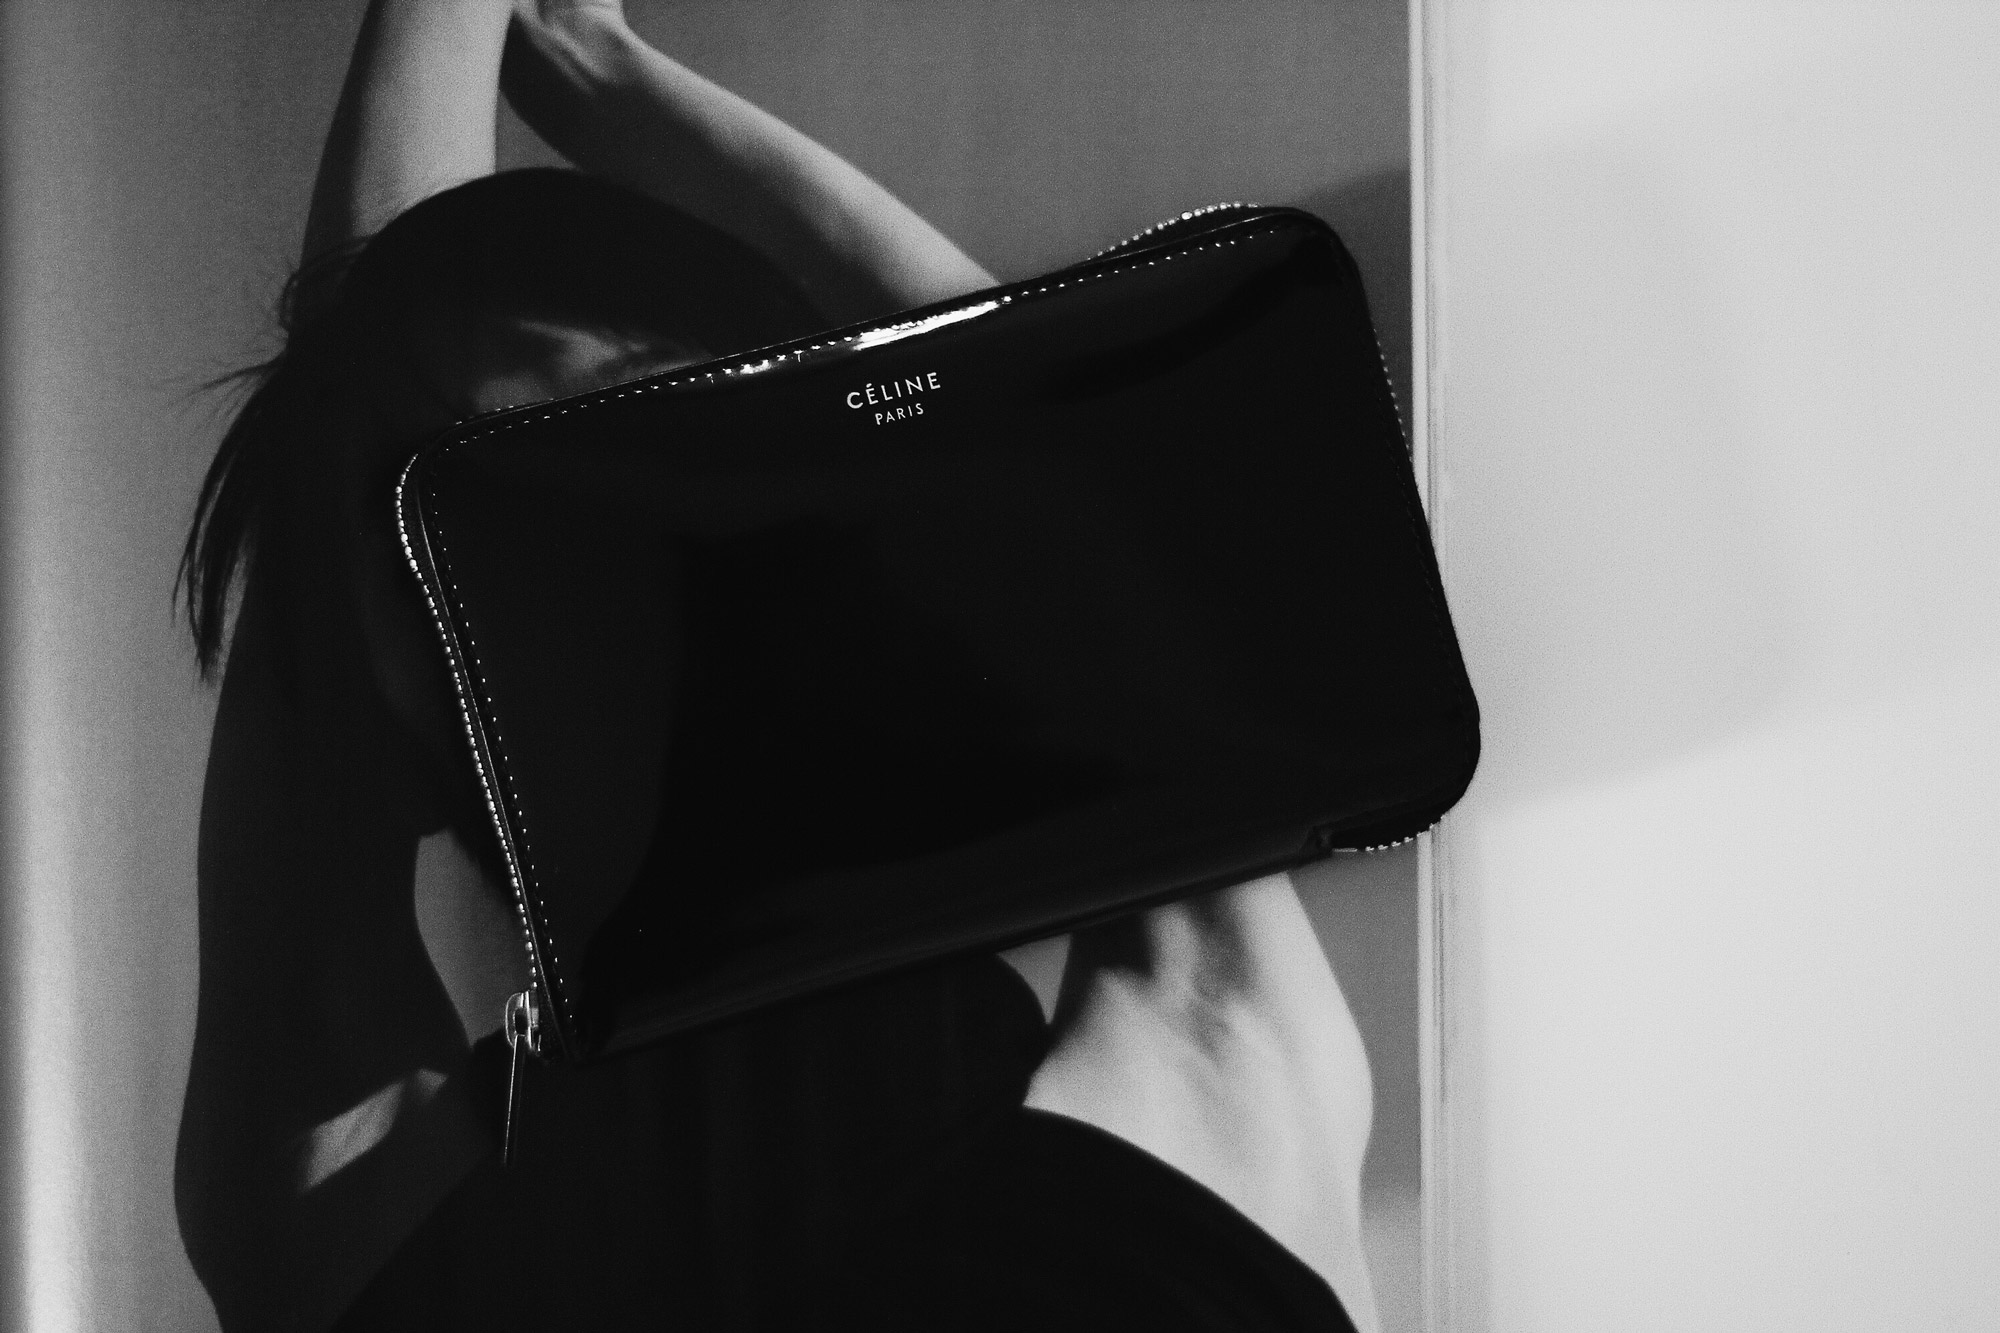 lena-herrmann-celine-wallet-03